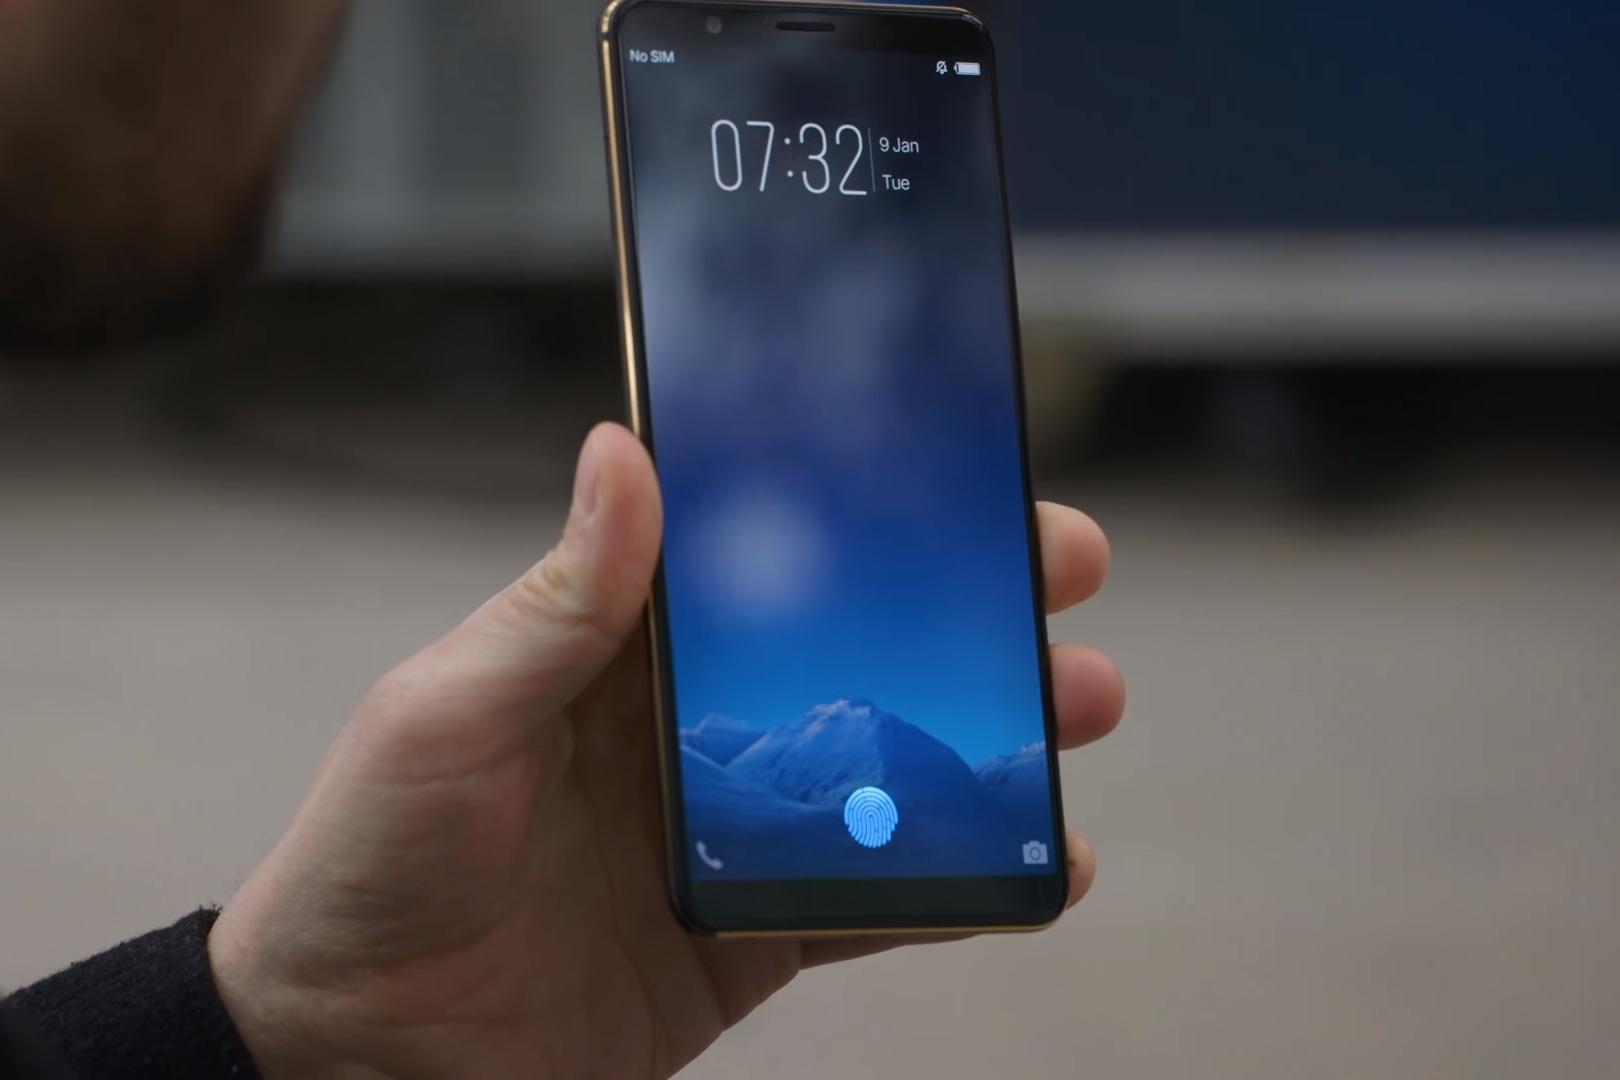 Imagem de Primeiro celular com sensor biométrico na tela é mostrado na CES 2018 no tecmundo